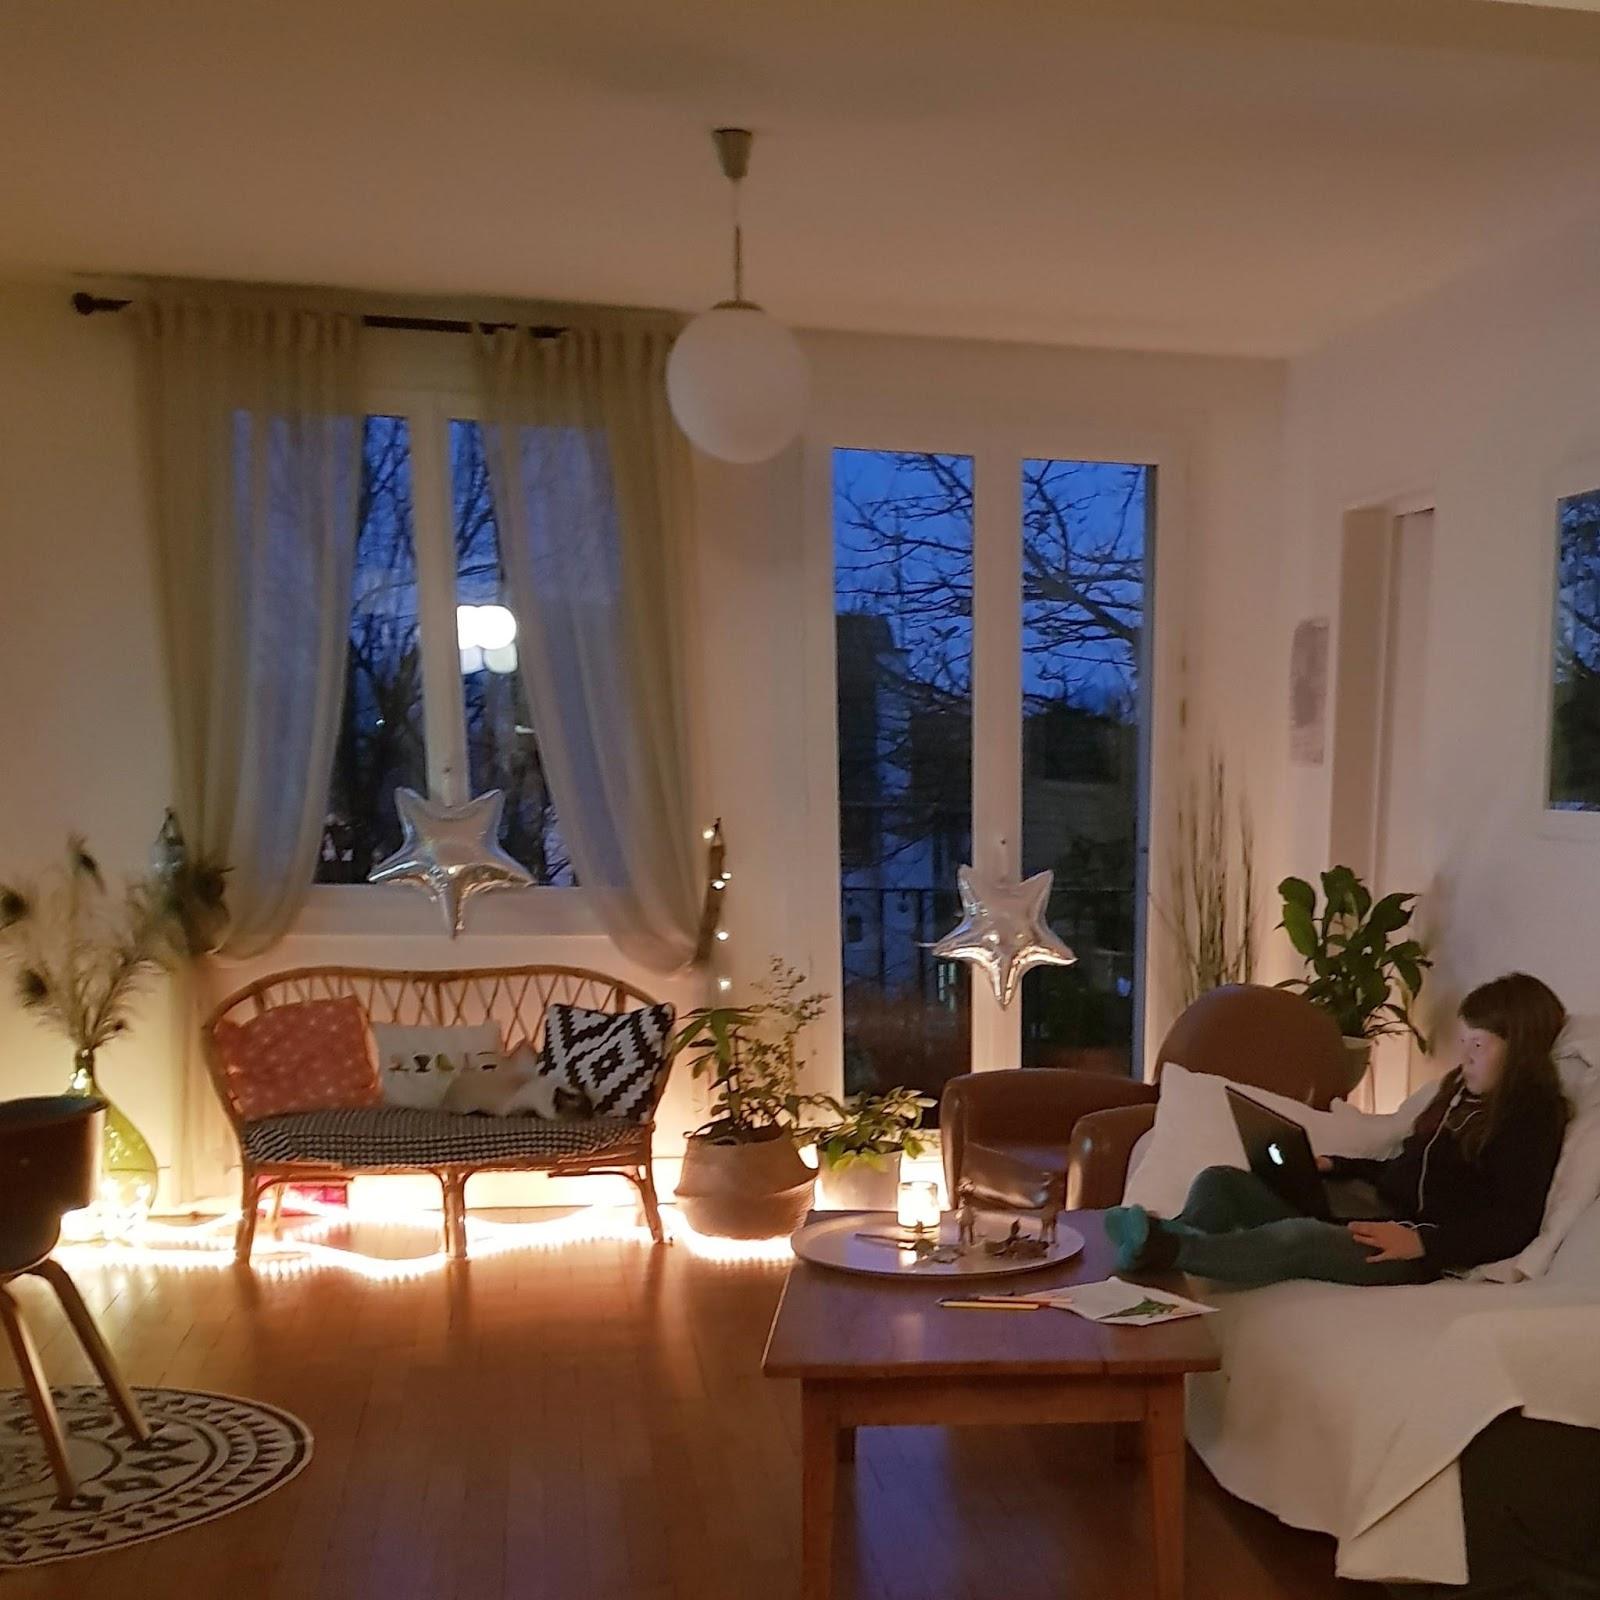 les petites m morceaux de deco 7 et vive le vent d 39 hiver. Black Bedroom Furniture Sets. Home Design Ideas